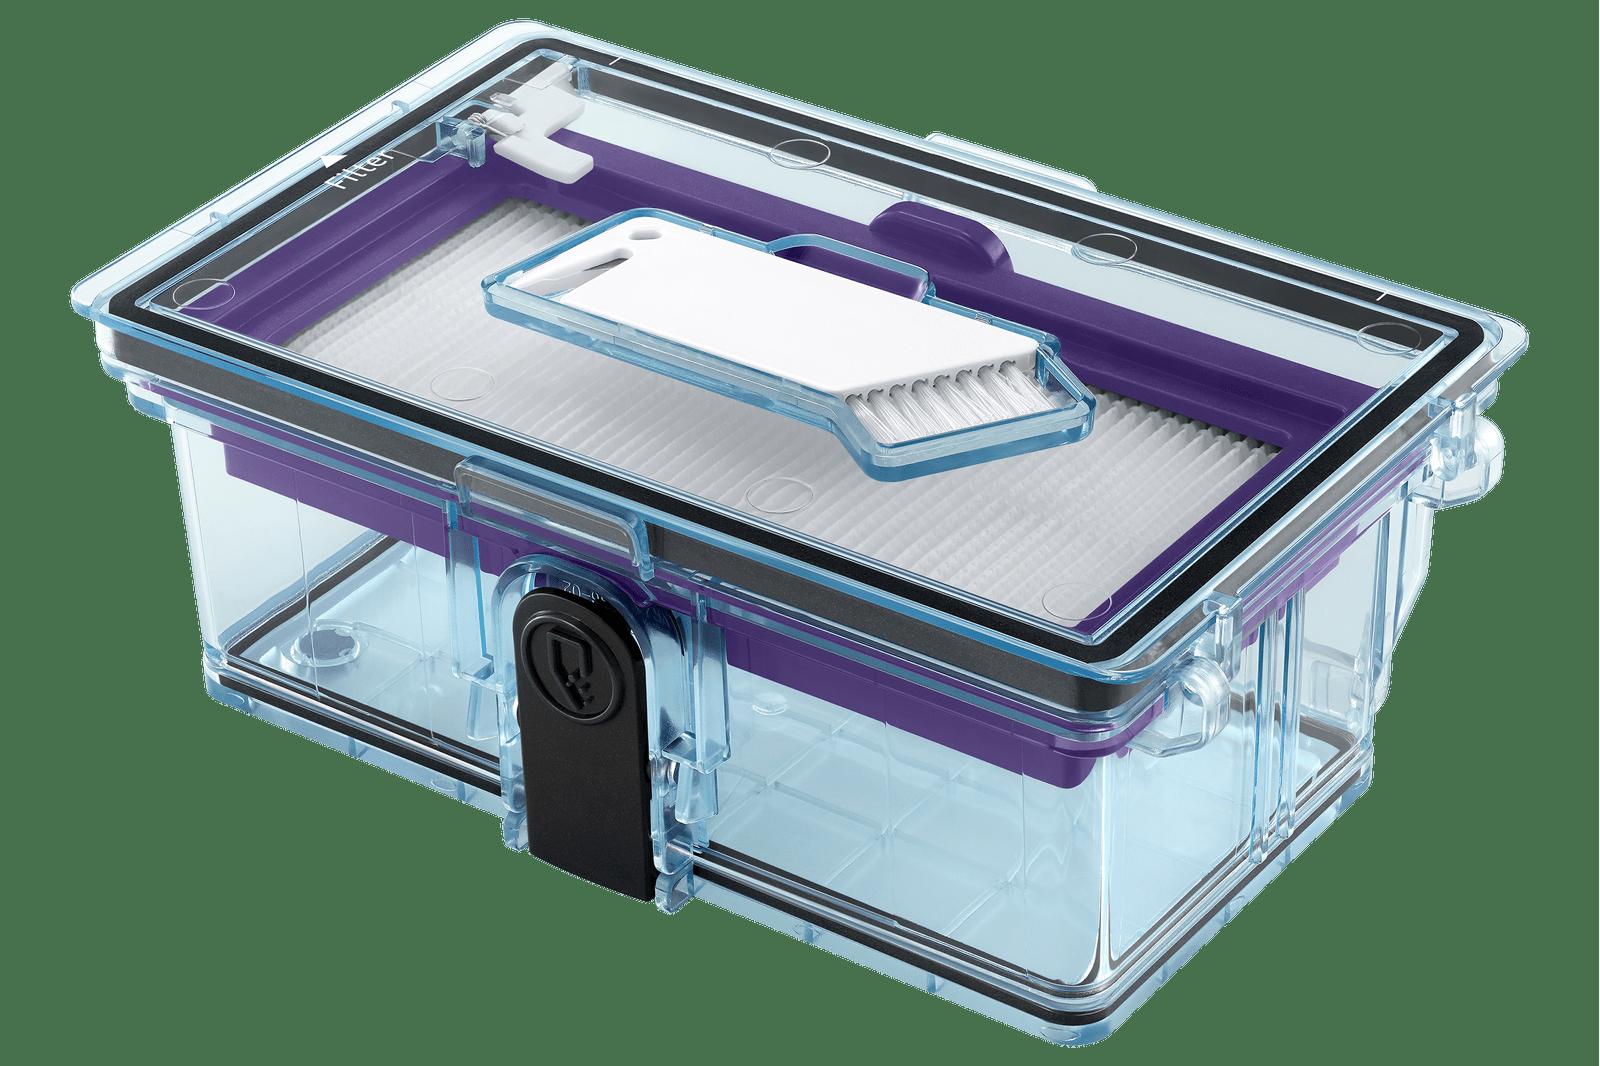 ASPIRADOR ROBÔ SAMSUNG POWERBOT-E VR5000RM INTELIGENTE 2 EM 1: ASPIRA E PASSA PANO COM CONECTIVIDADE POR WI-FI